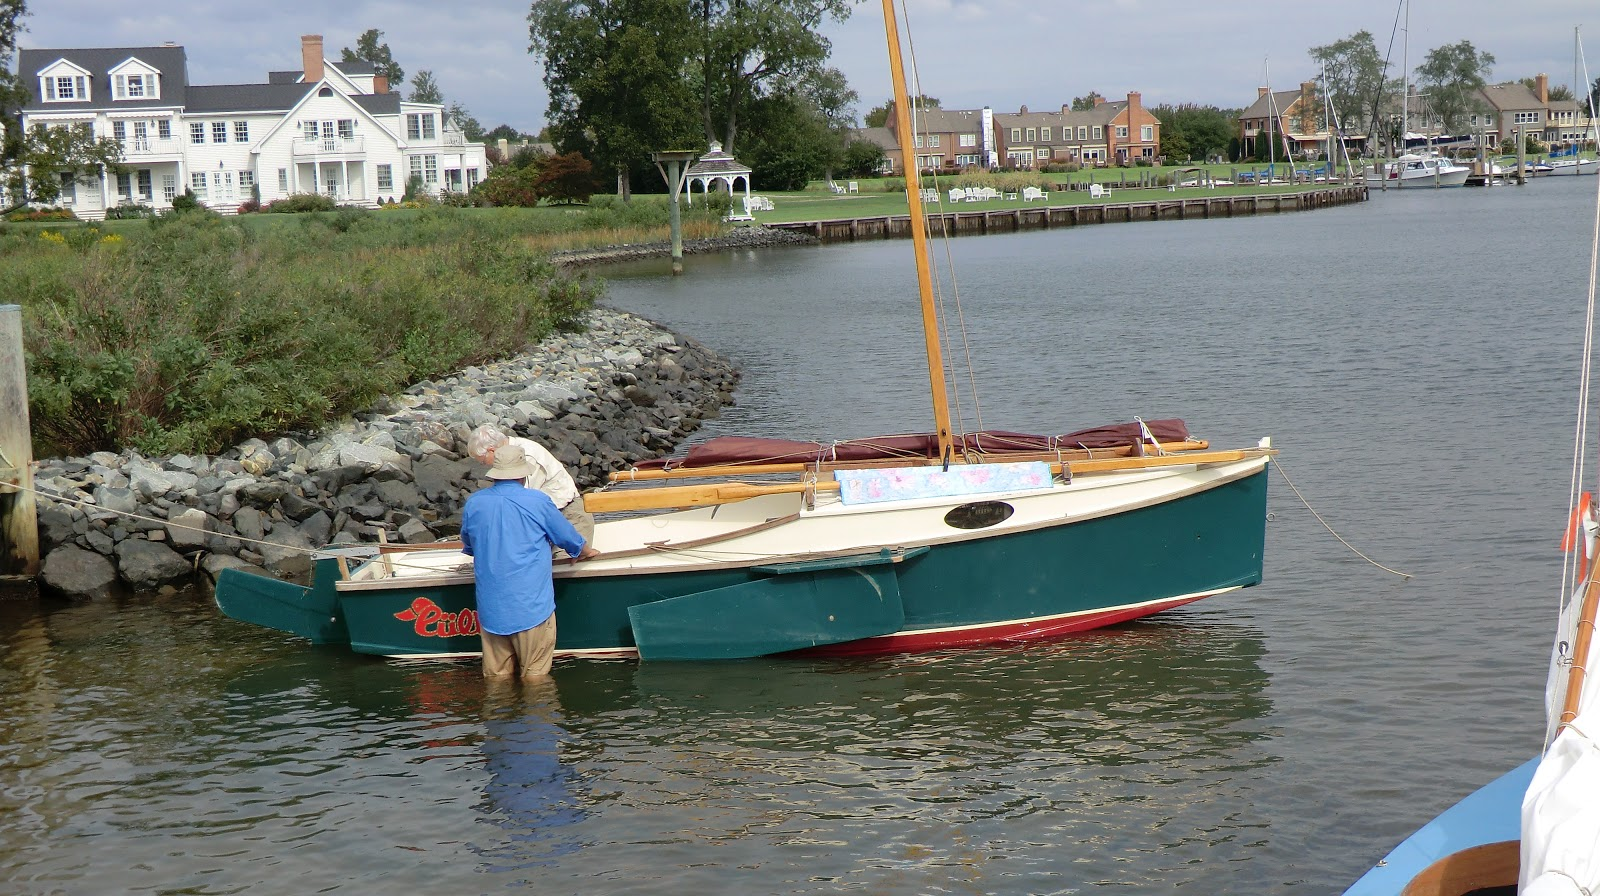 帆船 浅吃水的490级帆船